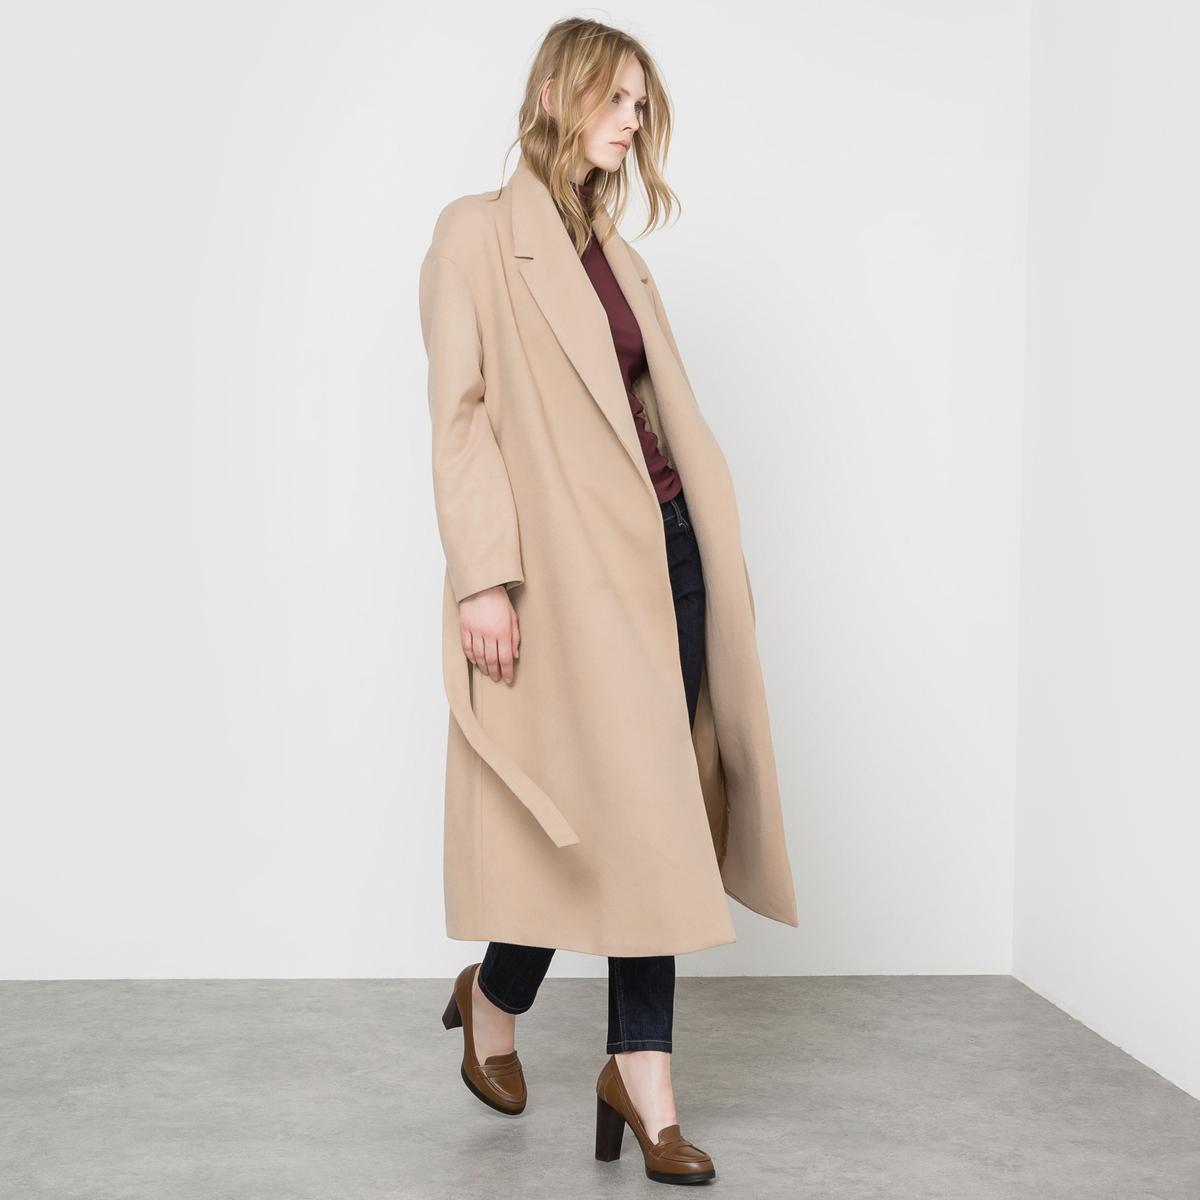 Пальто длинное без застежки с поясомДлинное пальто без застежки с поясом, свободного покроя. Пояс со шлевками. Приспущенные проймы. Карманы по бокам.Состав и описание:Материал бежевого цвета: 60% шерсти, 40% полиэстера.Материал черного цвета: 56% шерсти, 34% полиэстера, 5% полиамида,                                    5% других волокон.Подкладка: 100% полиэстера.Длина: 120 см.Марка: R essentiel.   Уход:Стирка запрещена.Только сухая чистка.Гладить на низкой температуре.<br><br>Цвет: бежевый,черный<br>Размер: 48 (FR) - 54 (RUS).42 (FR) - 48 (RUS).50 (FR) - 56 (RUS).44 (FR) - 50 (RUS).42 (FR) - 48 (RUS).50 (FR) - 56 (RUS)